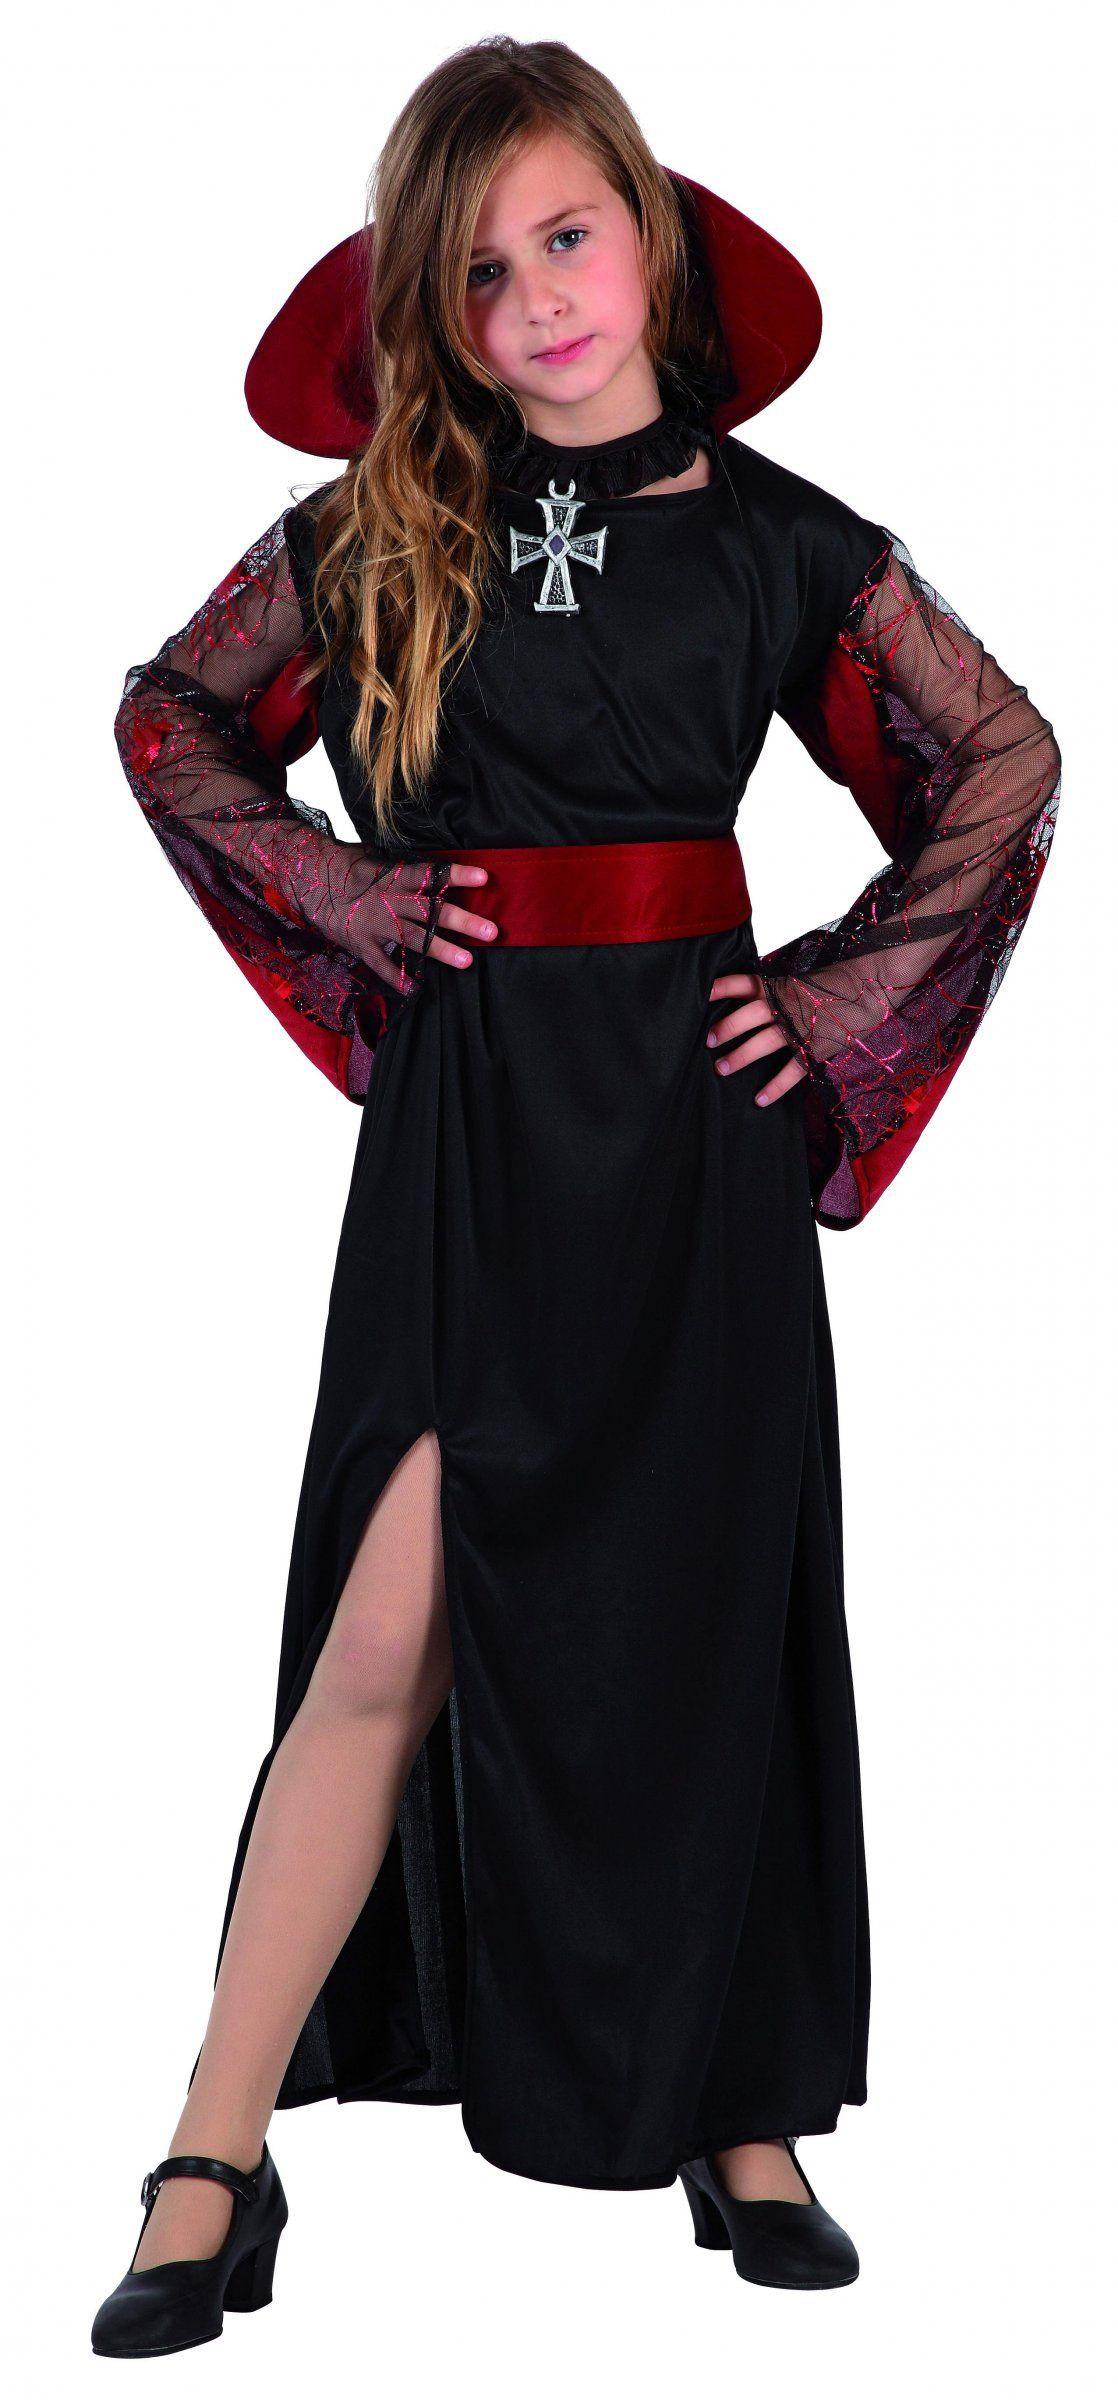 disfraz de vampiro para nia este disfraz de vampiro para nia est compuesto por un